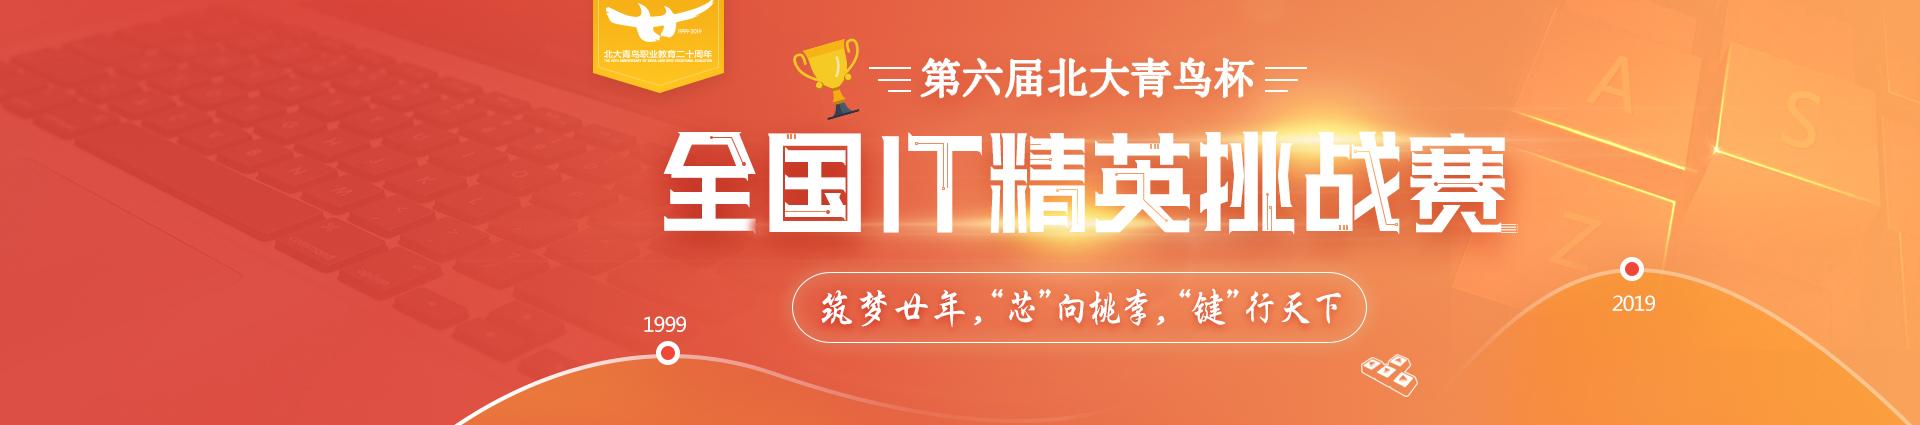 """第六屆""""北大青鳥杯""""全國IT精英挑戰賽"""